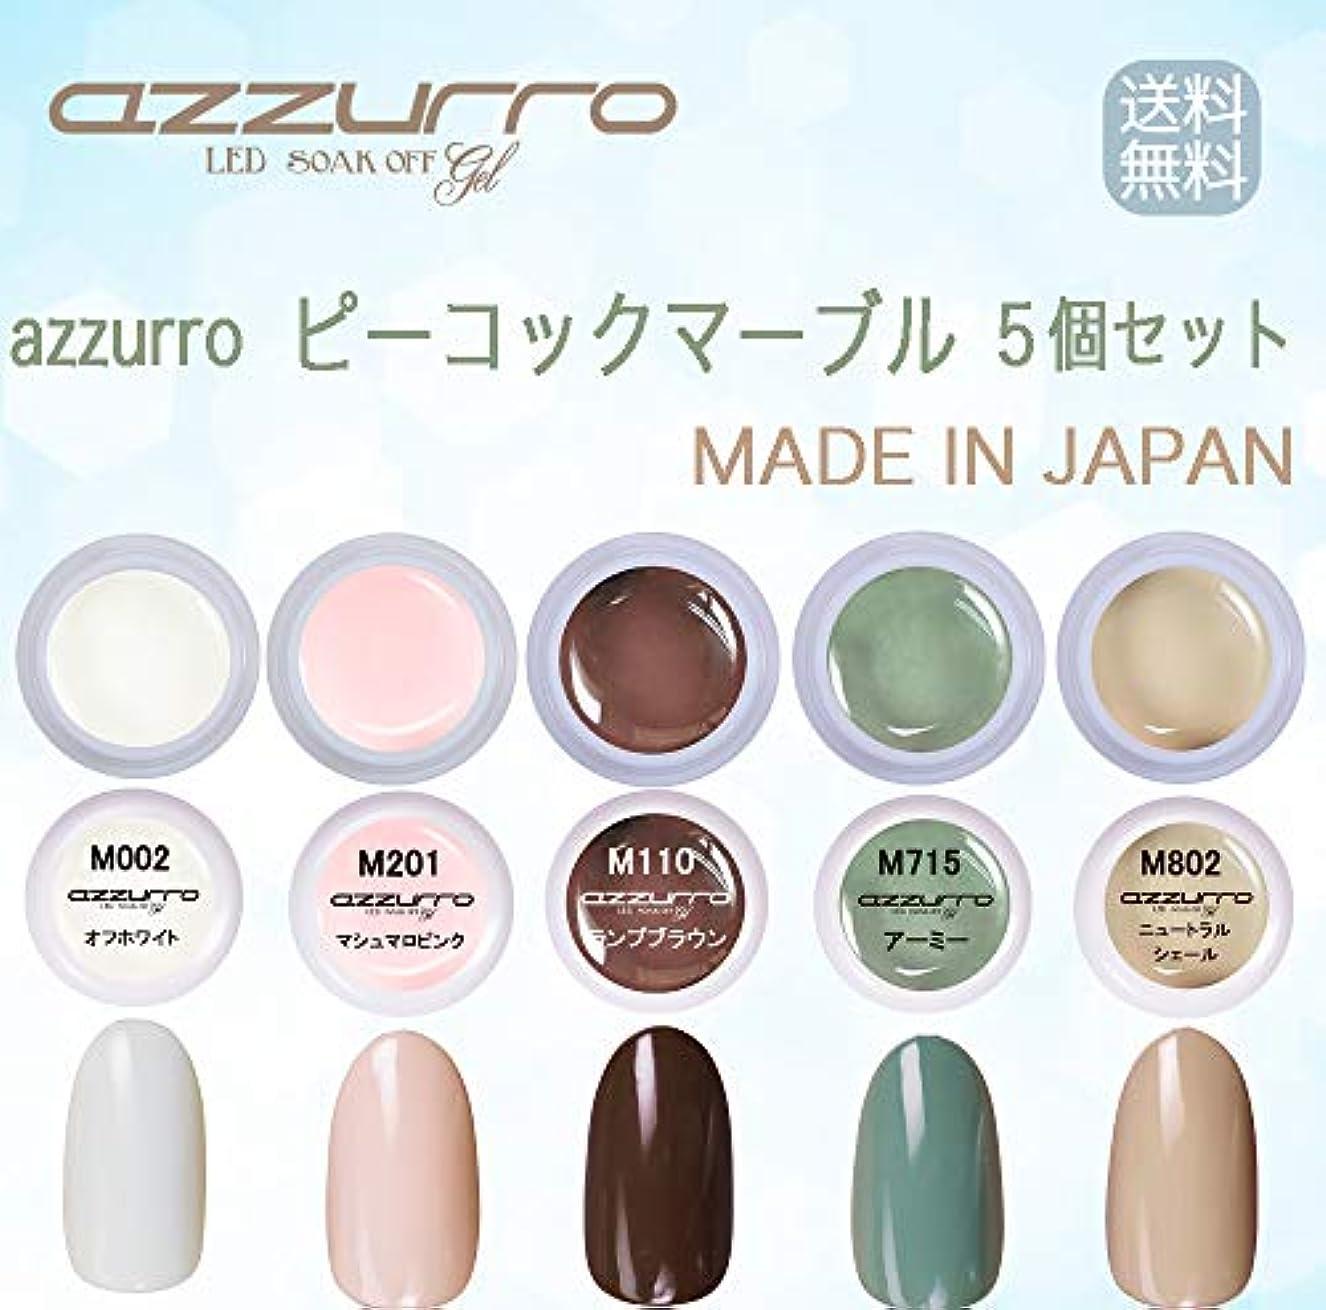 計算精通した落ち込んでいる【送料無料】日本製 azzurro gel ピーコックマーブルカラージェル5個セット 簡単でおしゃれにアートができるフェザーマーブルカラー